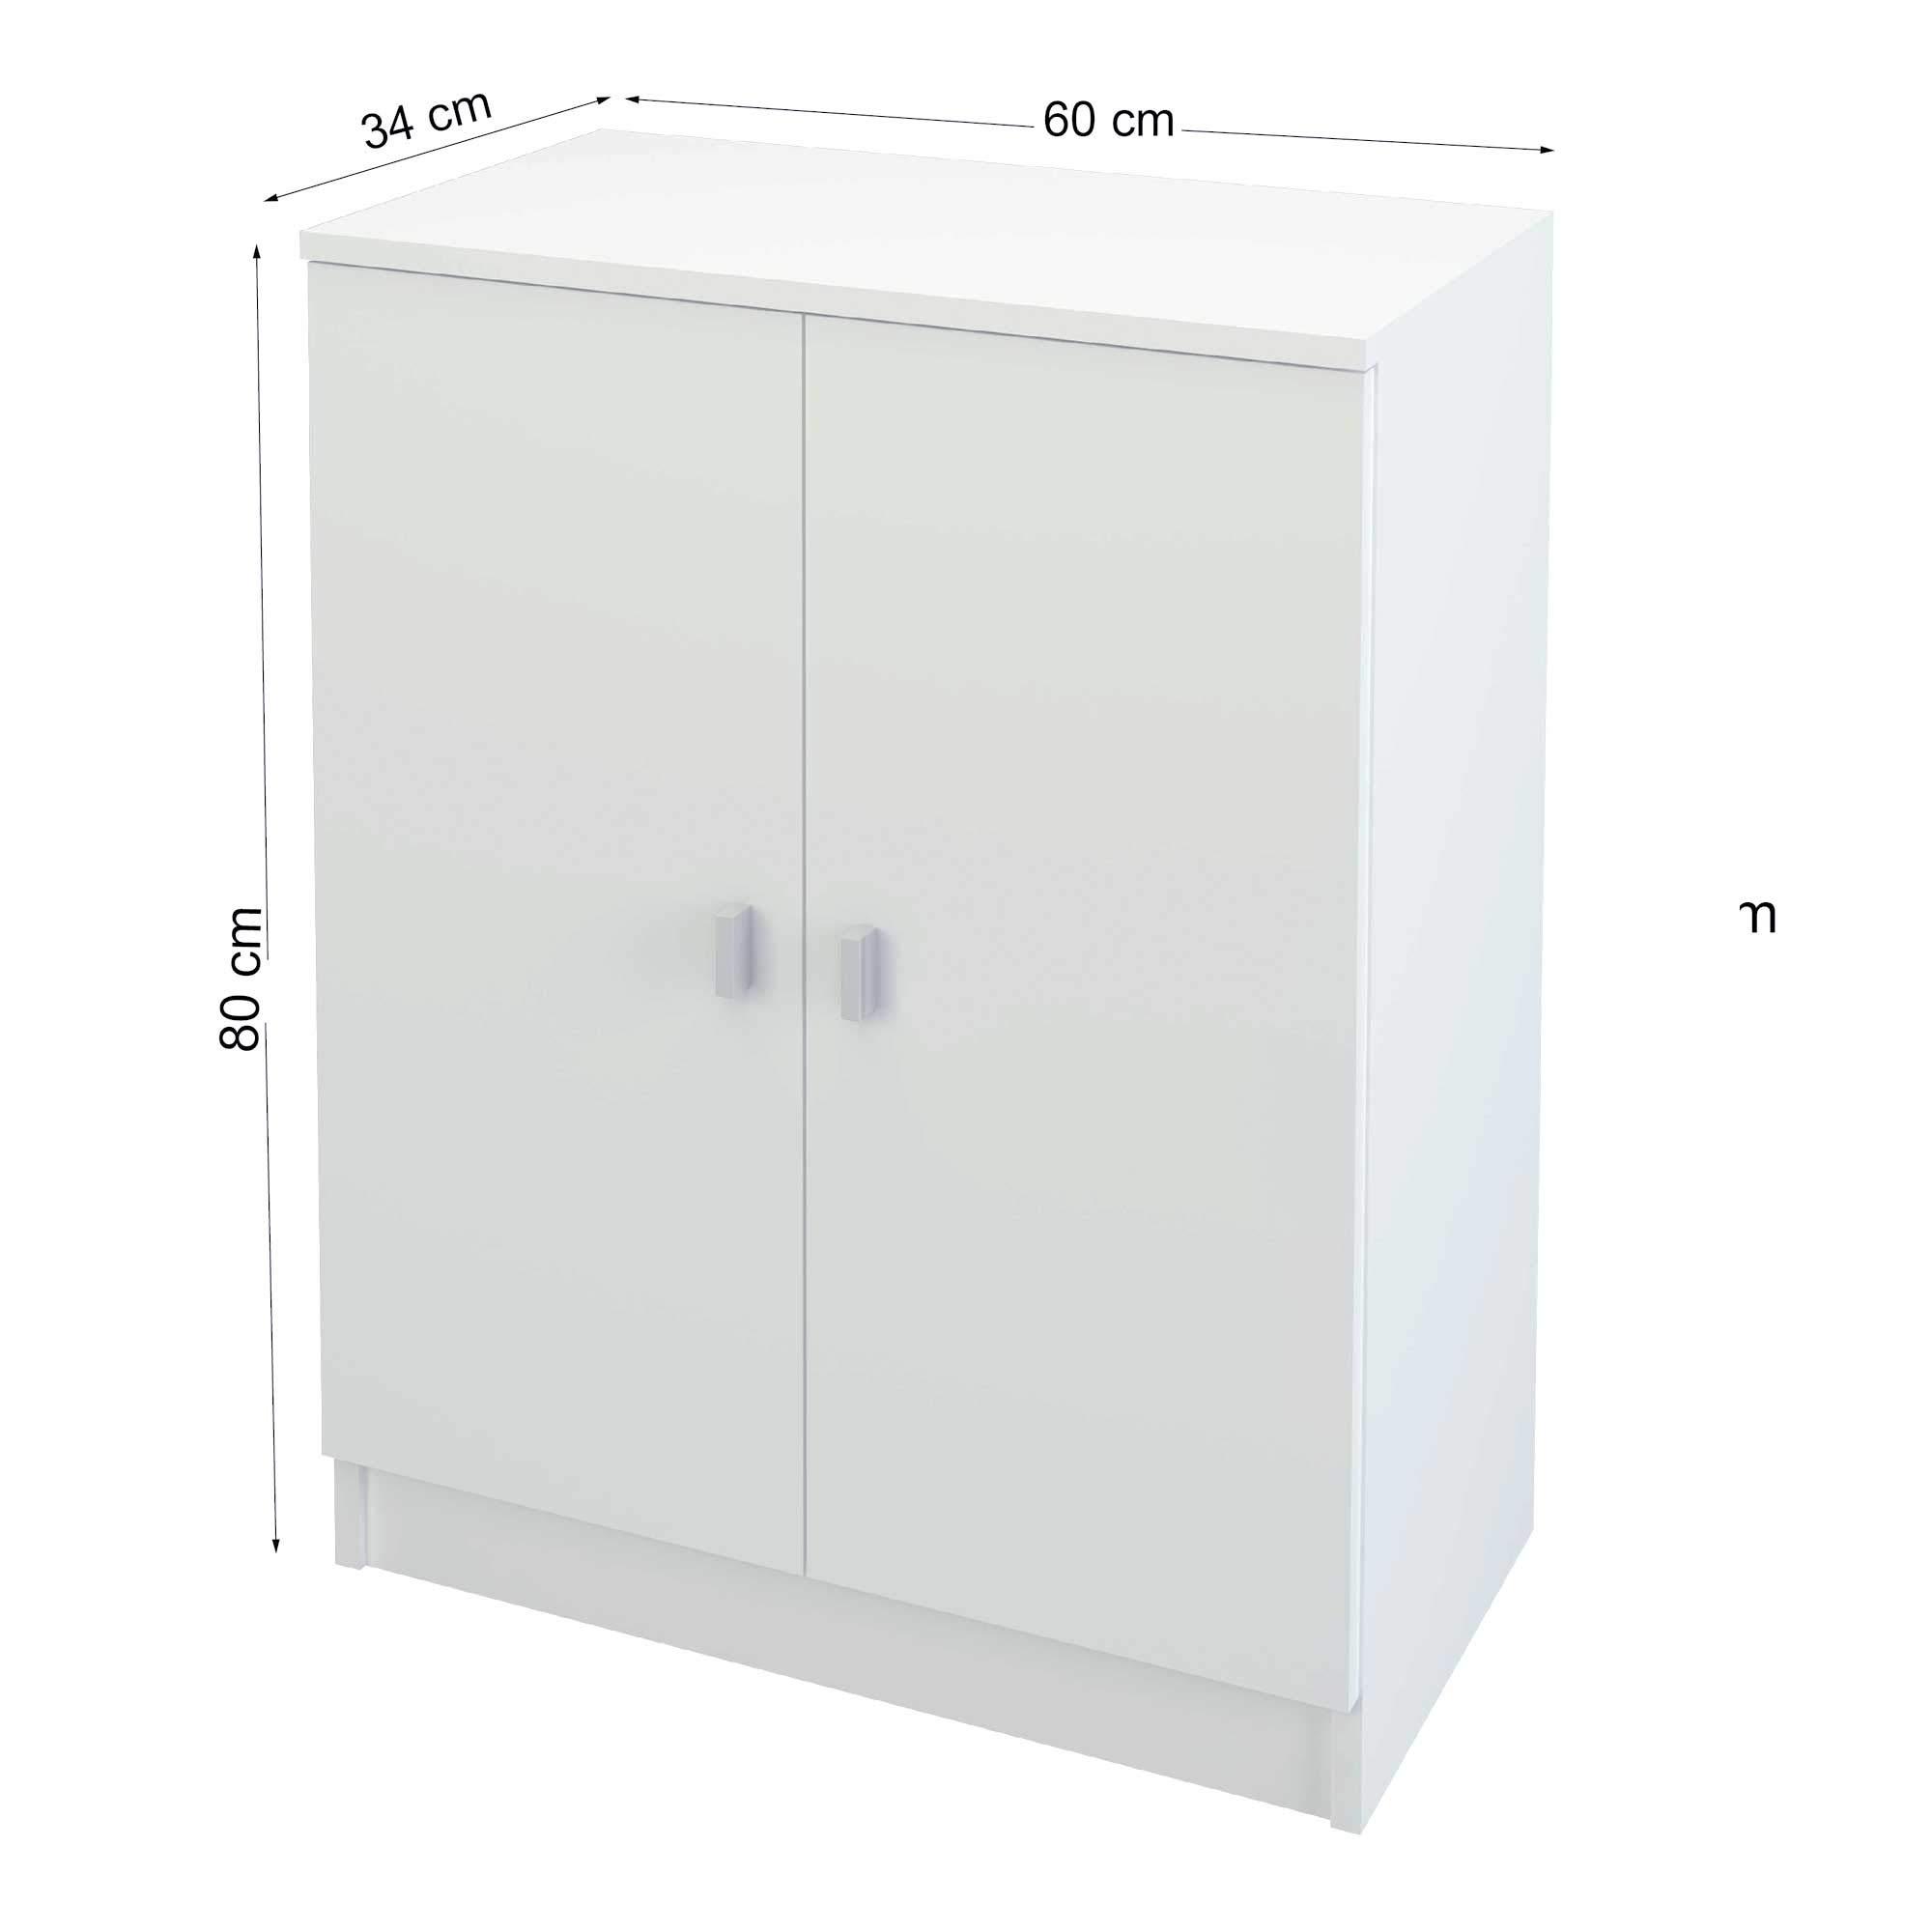 Samblo Senchi Armario bajo de cocina 2 puertas color blanco » Toppym ... 2ac0f7ffeff0